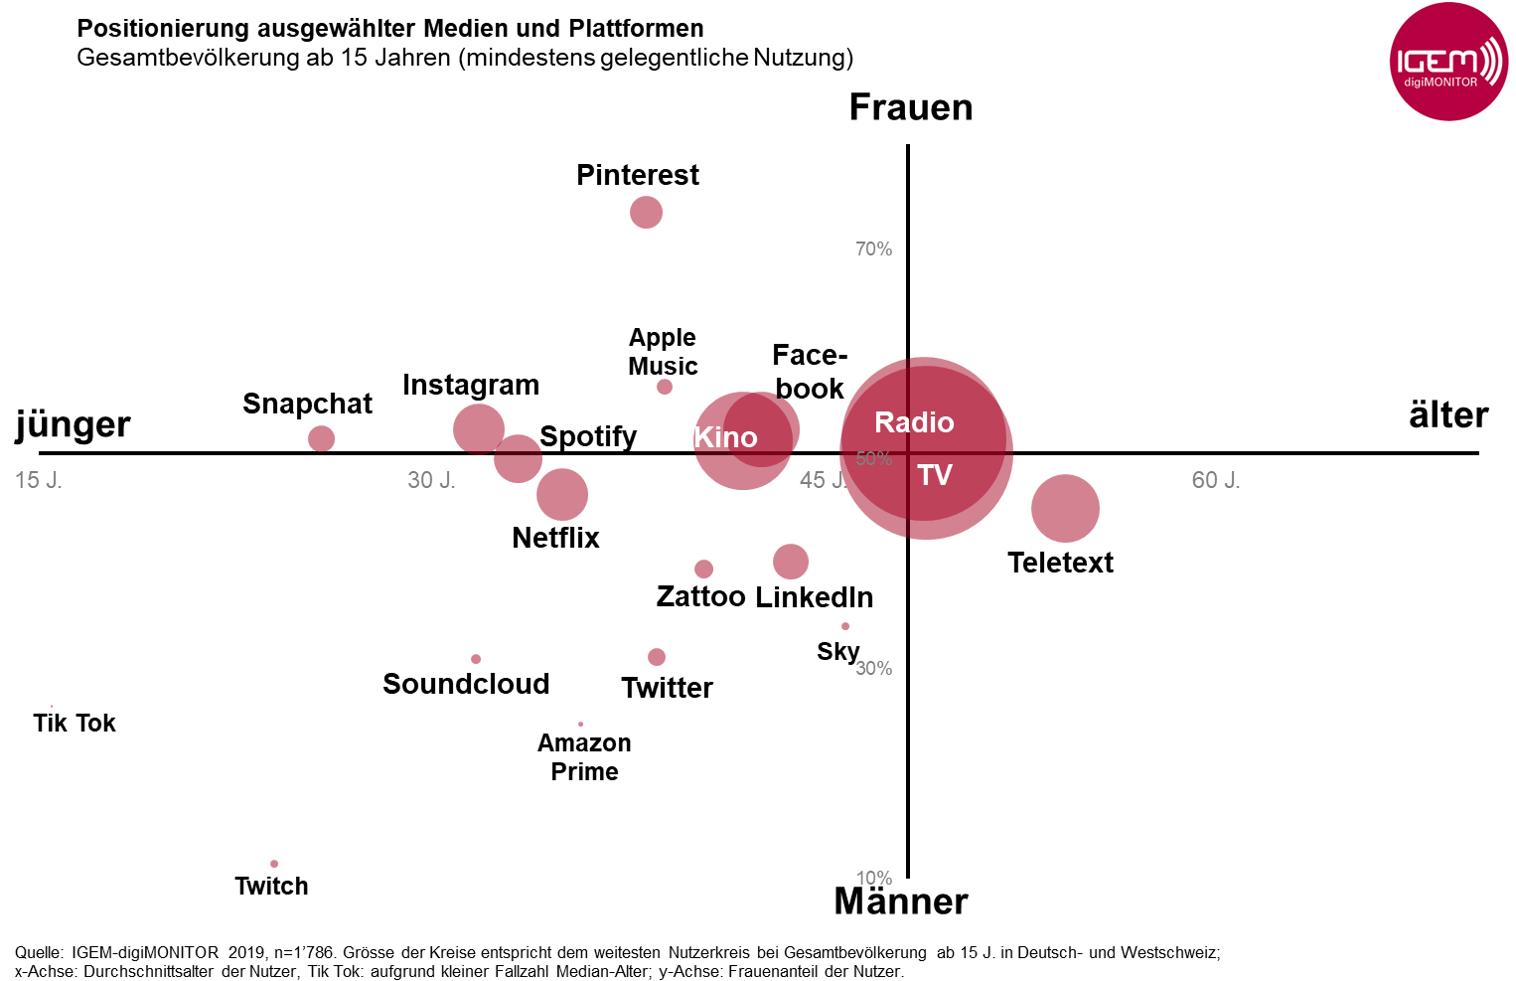 Grafik3_Positionierung_Medien_Plattformen_Frauen vs. Männer